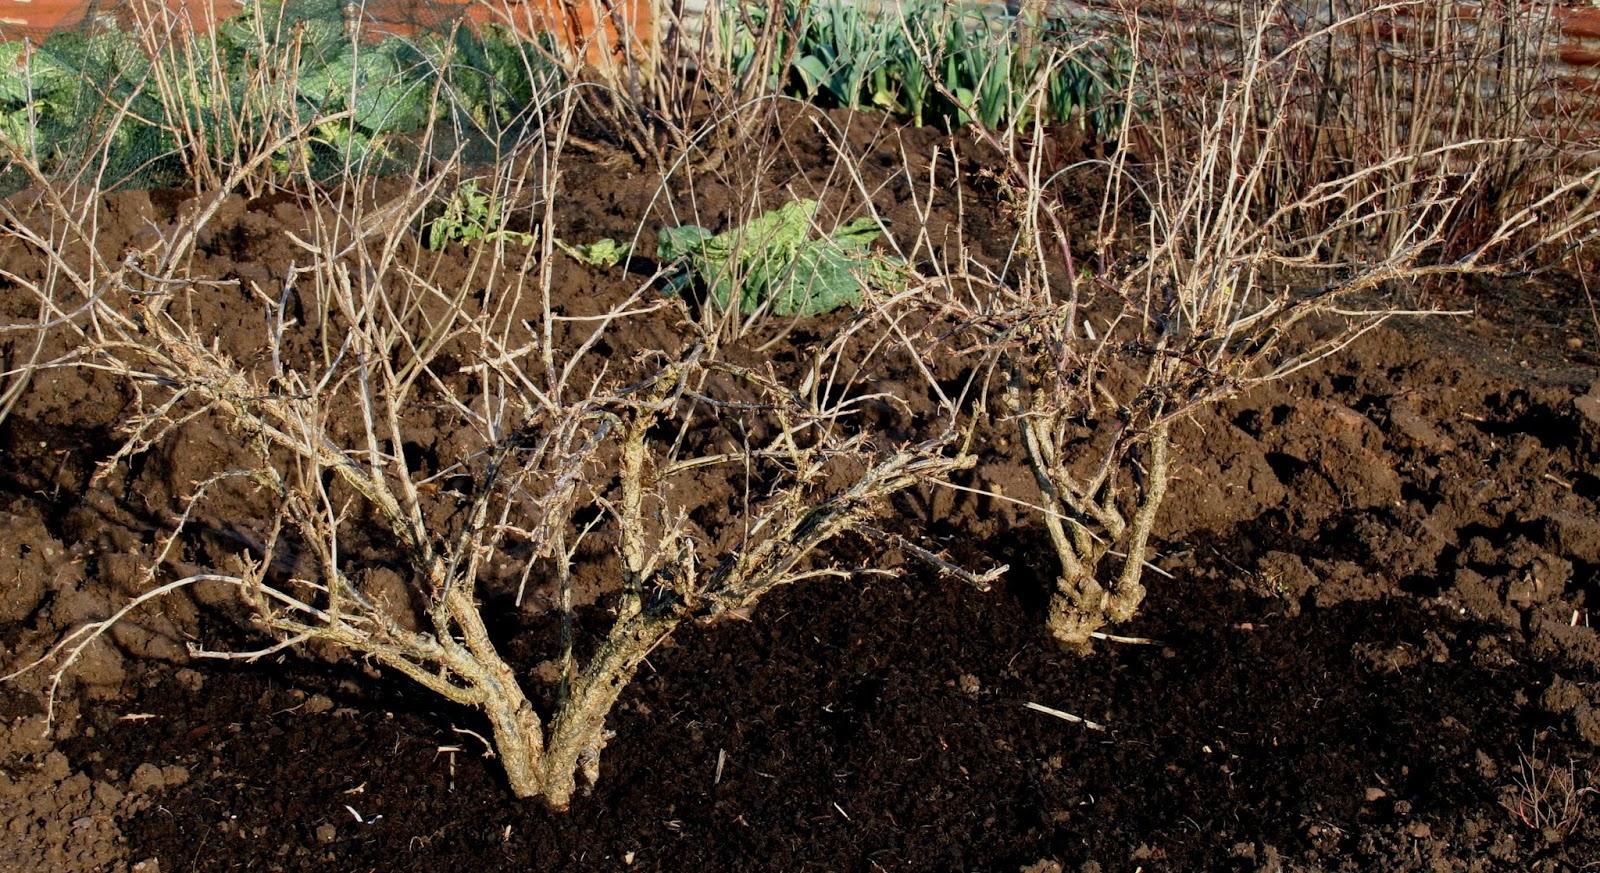 На смородине скручиваются и сохнут листья: в чем причина? что делать и чем обработать смородину, если листья скручиваются - секреты садоводов